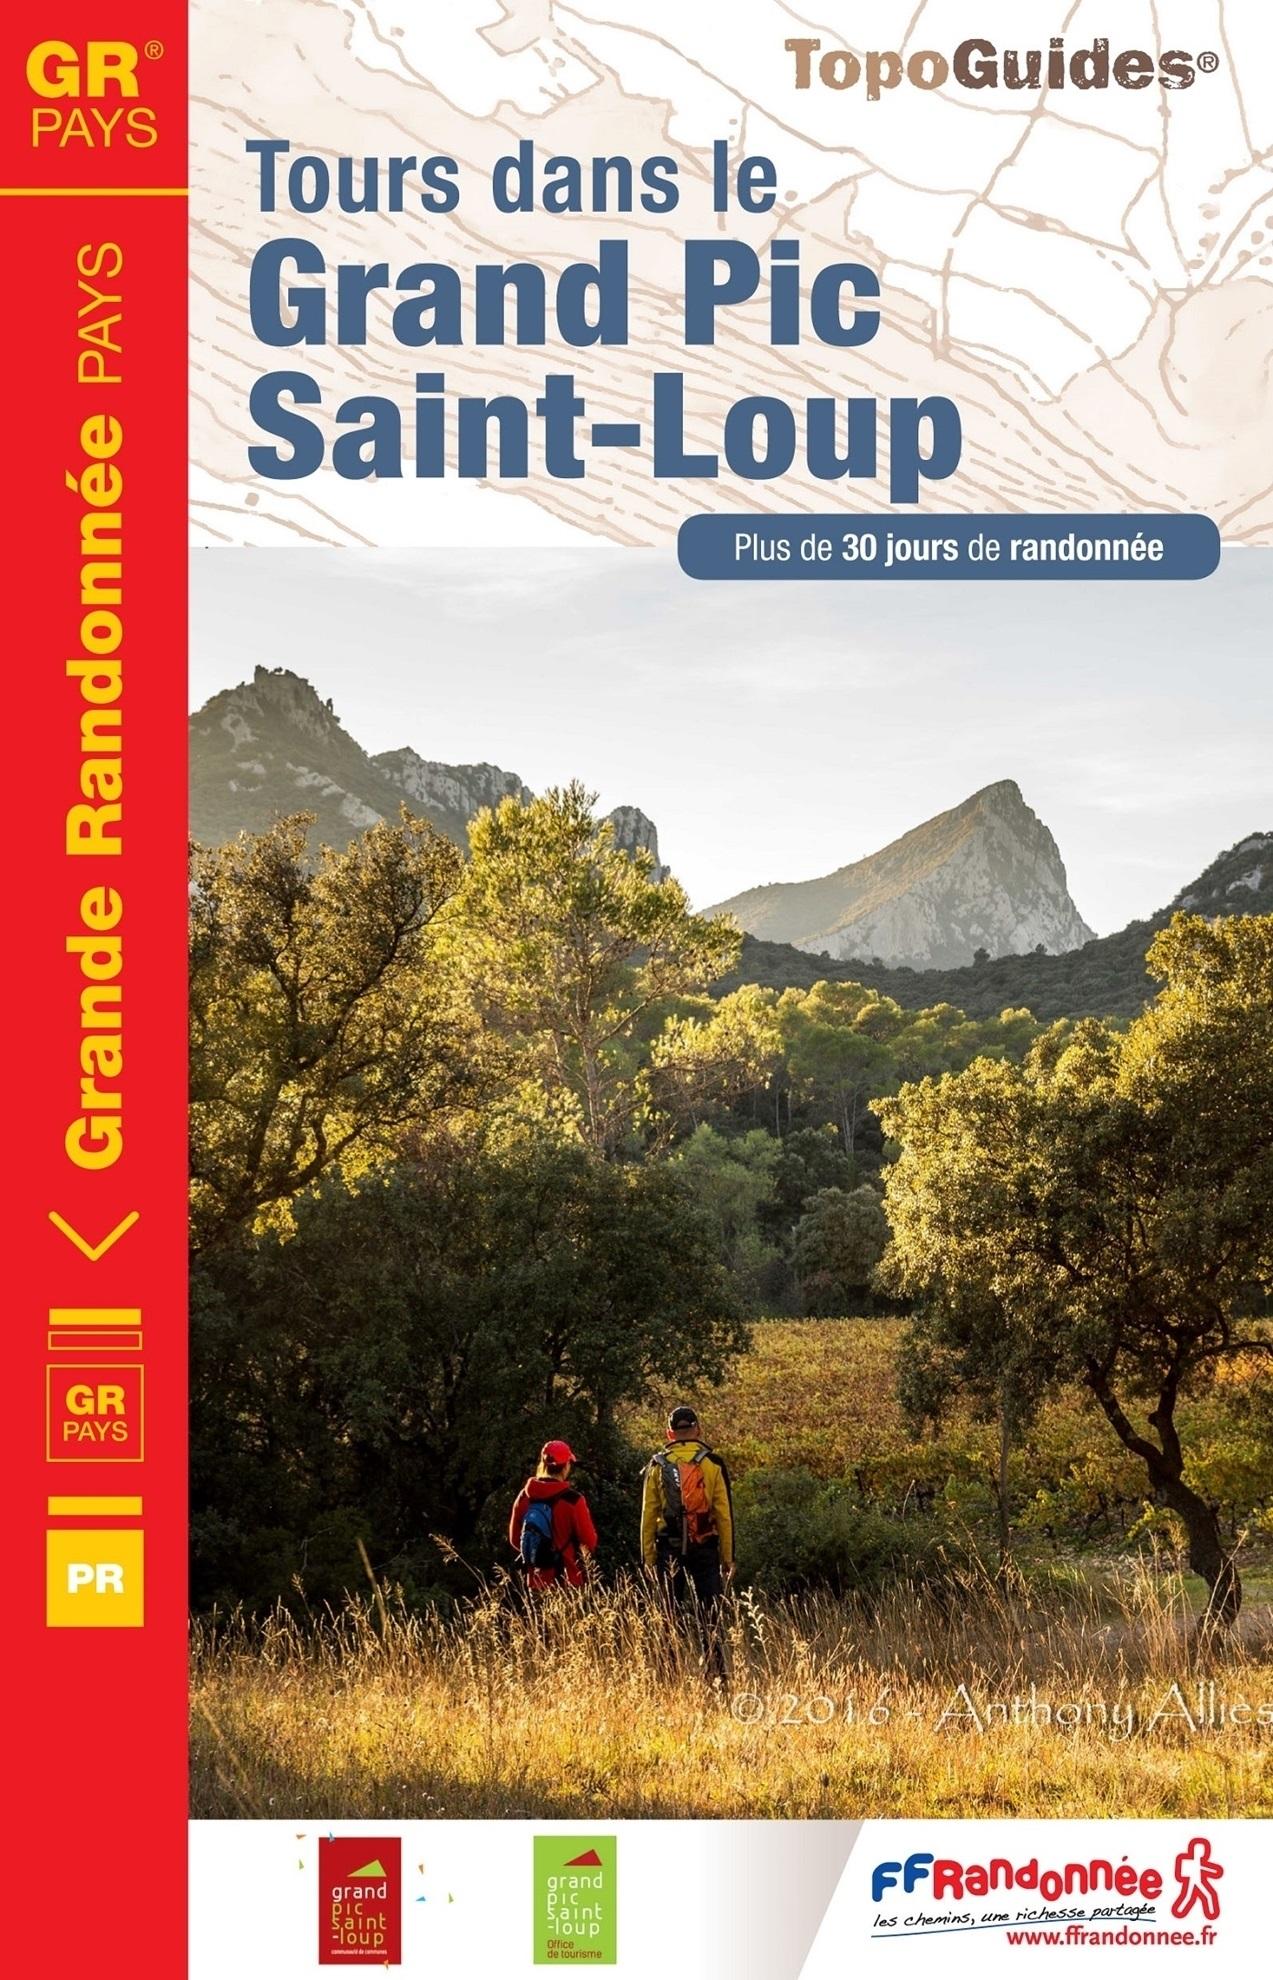 TG-3401 Grand Pic Saint-Loup  | wandelgids GR3401 9782751408830  FFRP topoguides à grande randonnée  Meerdaagse wandelroutes, Wandelgidsen Cevennen, Languedoc